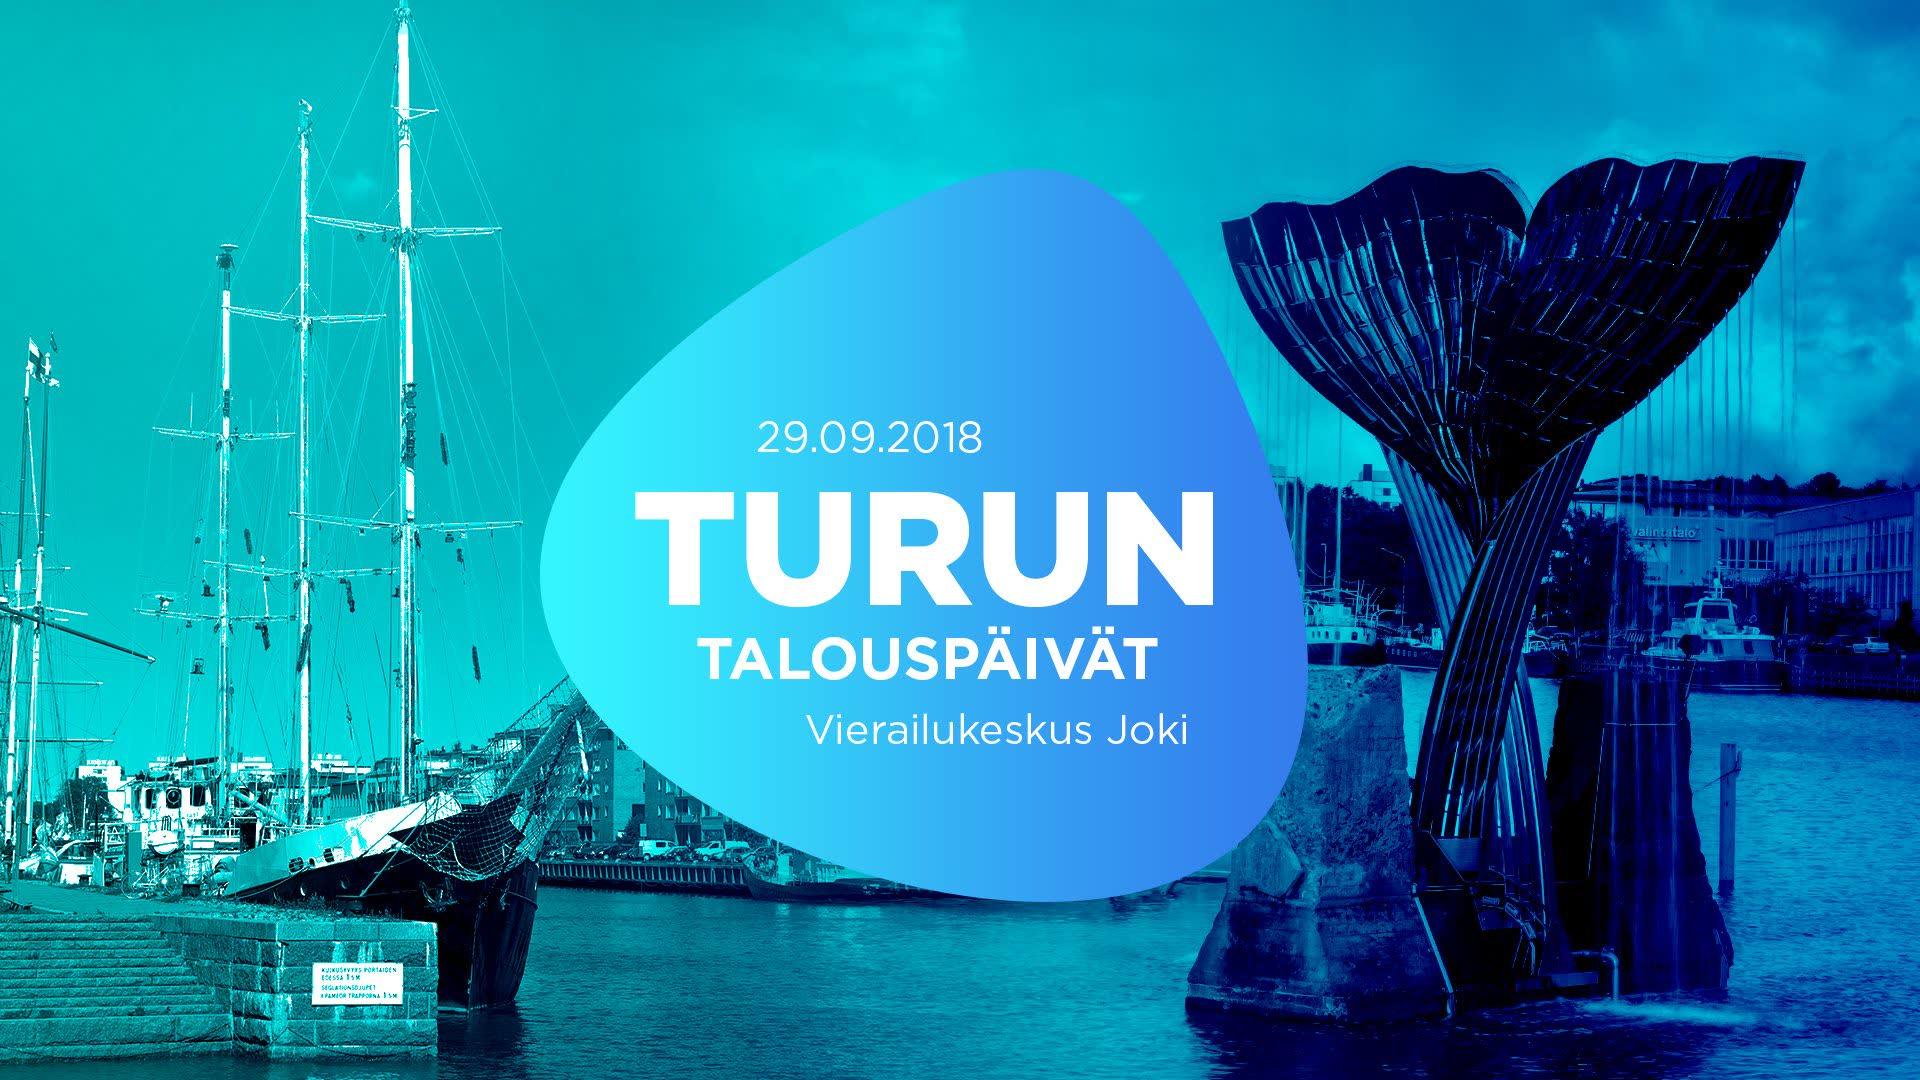 Vauraus Suomi Oyj